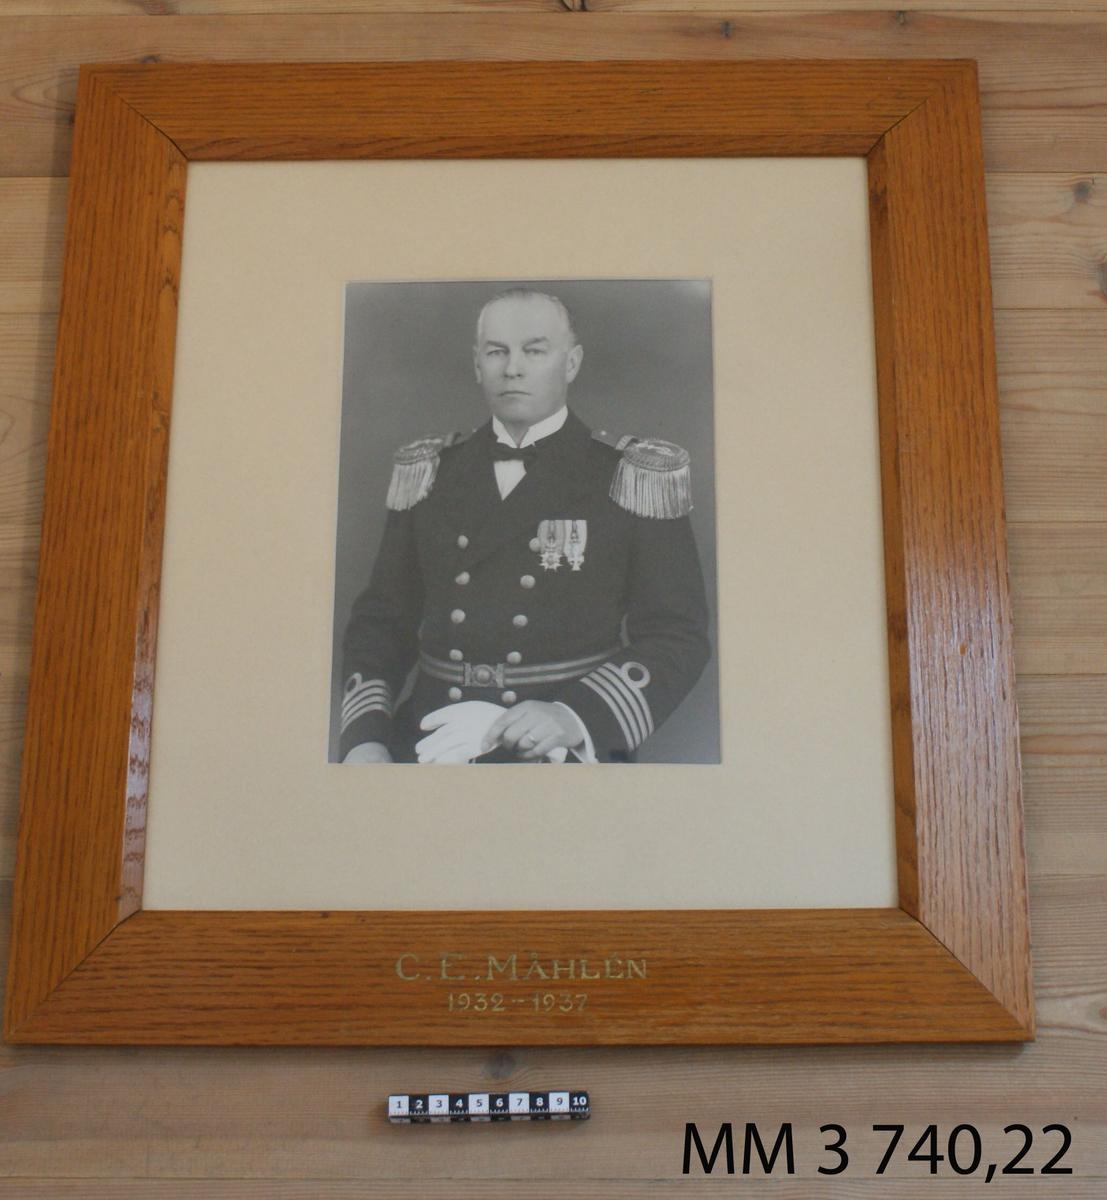 Fotografi C E Måhlén 1932-37. 25 st fotografier inom glas och ram, av ekfanér, av porträtt av cheferna för Skeppsgossekåren i Karlskrona åren 1875 - 1939. MM3740:1-25.